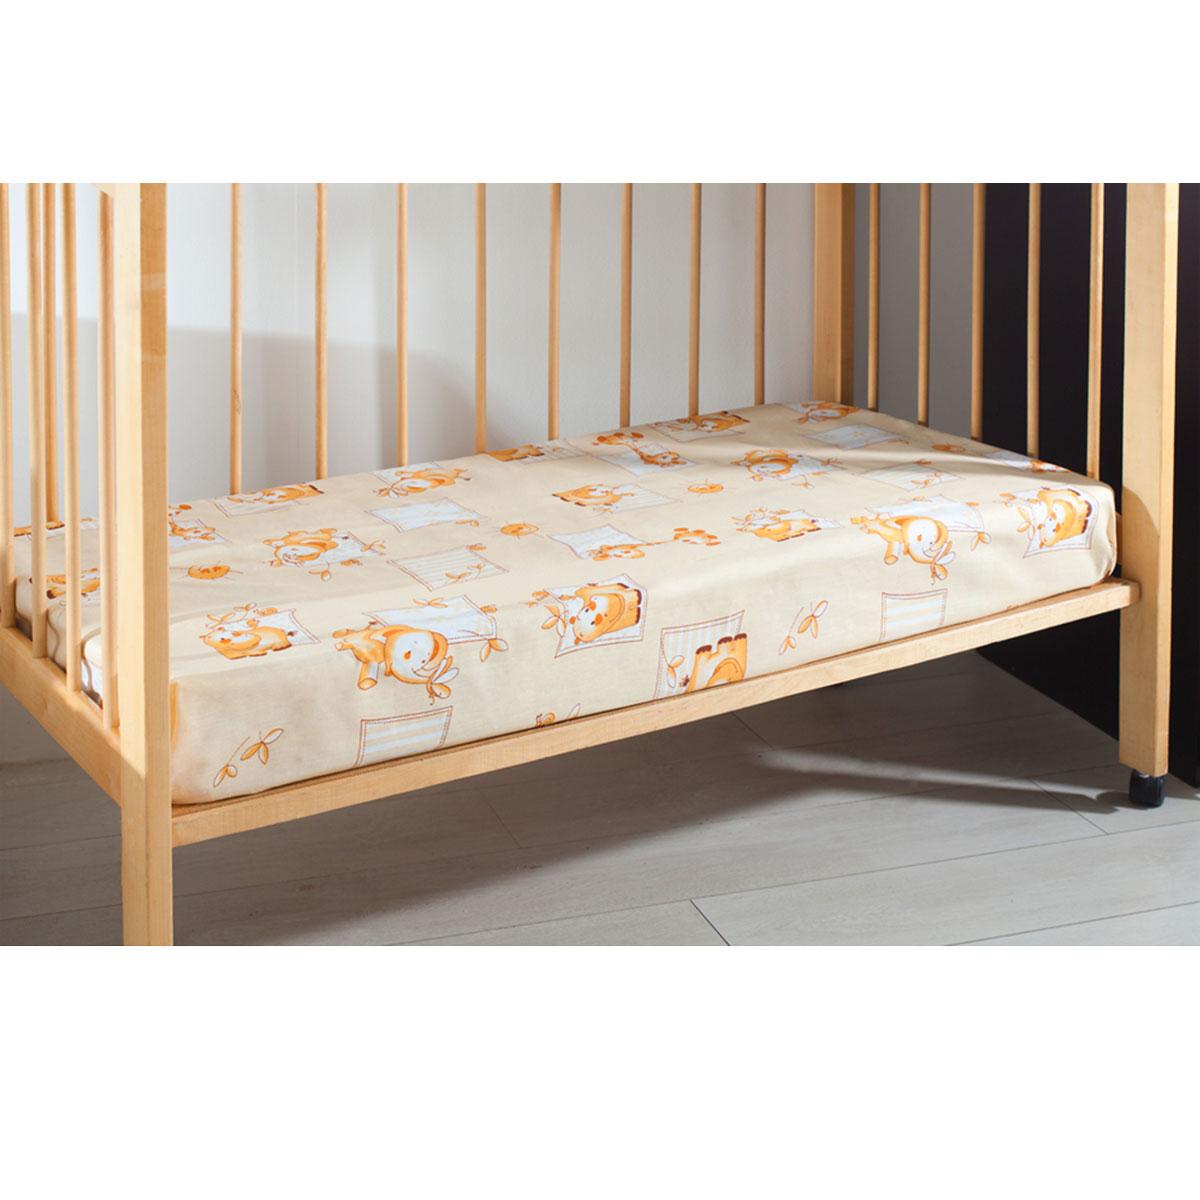 Простыня на резинке детская Primavelle, цвет: бежевый, 60 см х 120 см х 20 см114612110-10Мягкая простыня на резинке Primavelle идеально подойдет для кроватки вашего малыша и обеспечит ему здоровый сон. Она изготовлена из натурального 100% хлопка, дарящего малышу непревзойденную мягкость. Простыня с помощью специальной резинки растягивается на матрасе. Она не сомнется и не скомкается, как бы не вертелся ребенок. Подарите вашему малышу комфорт и удобство! Размер простыни: 60 см х 120 см х 20 см.